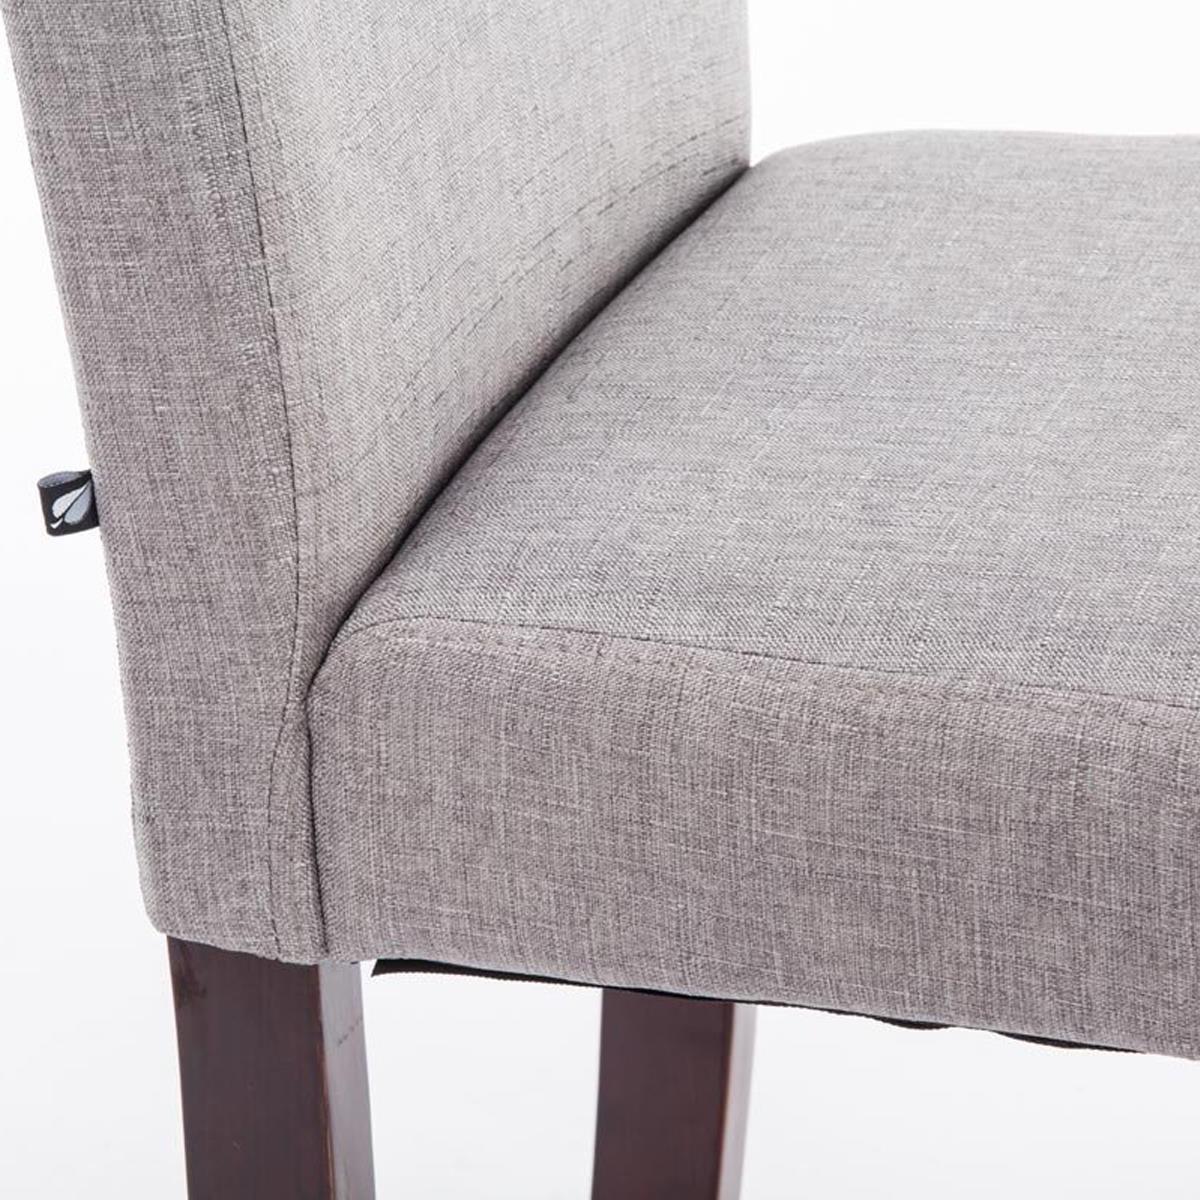 Silla de comedor adria tapizada en tela color gris claro for Sillas de comedor color gris